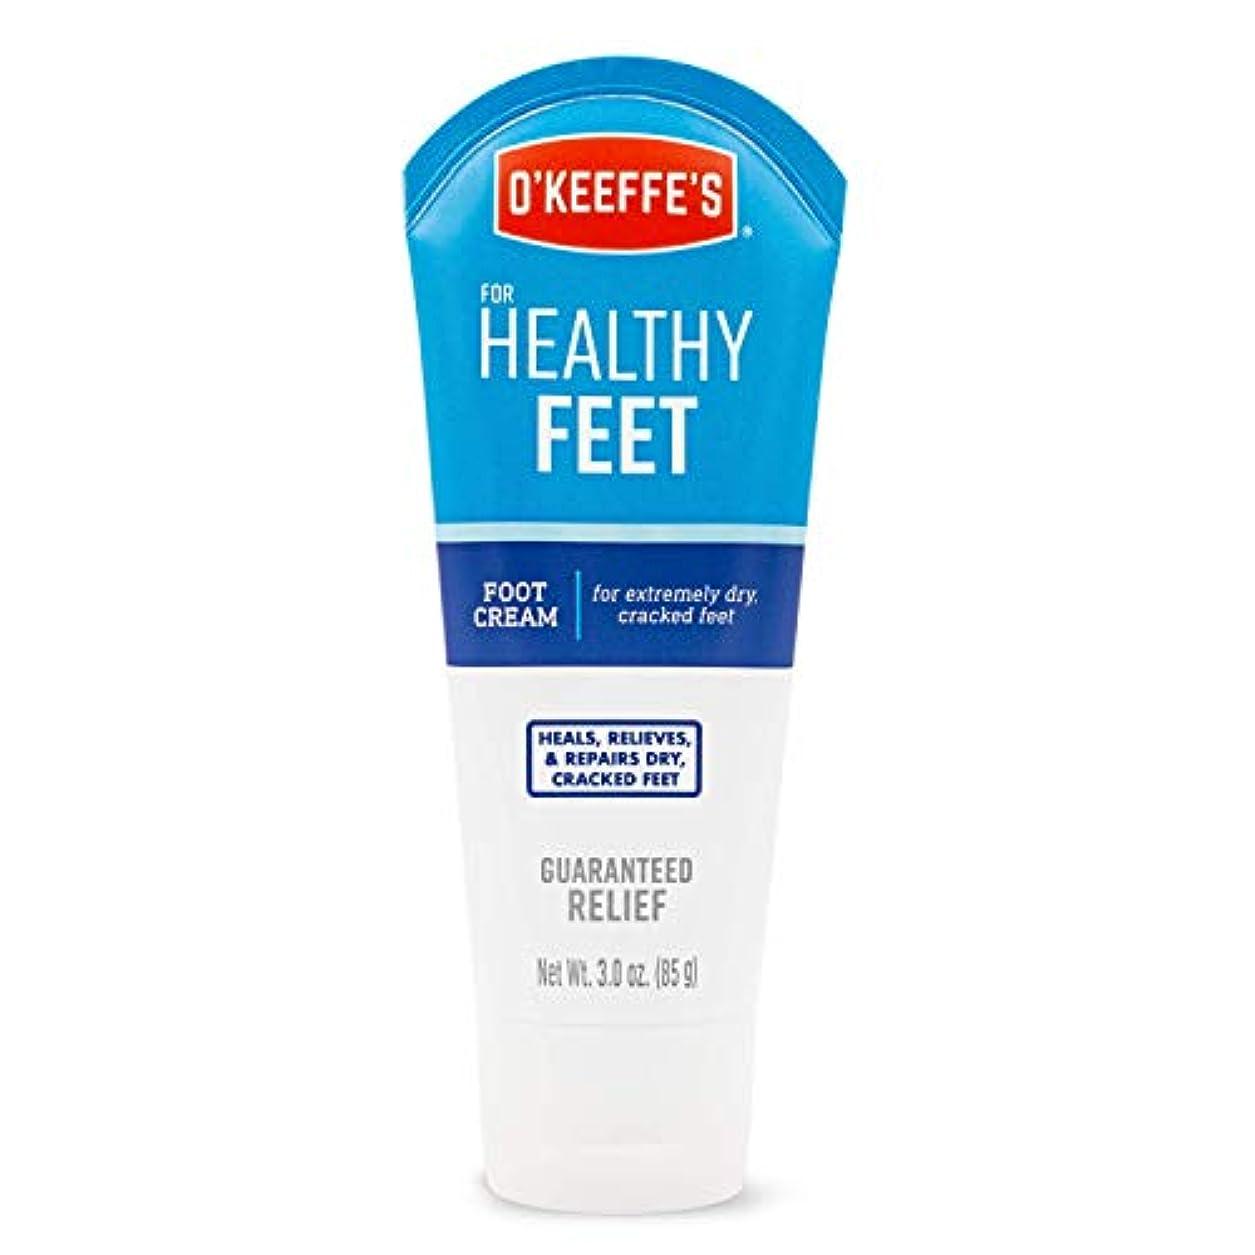 混沌分類するさわやかオキーフス ワーキングフィートクリーム チューブ  85g 1点 (並行輸入品) O'Keeffe's Working Feet Tube Cream 3oz